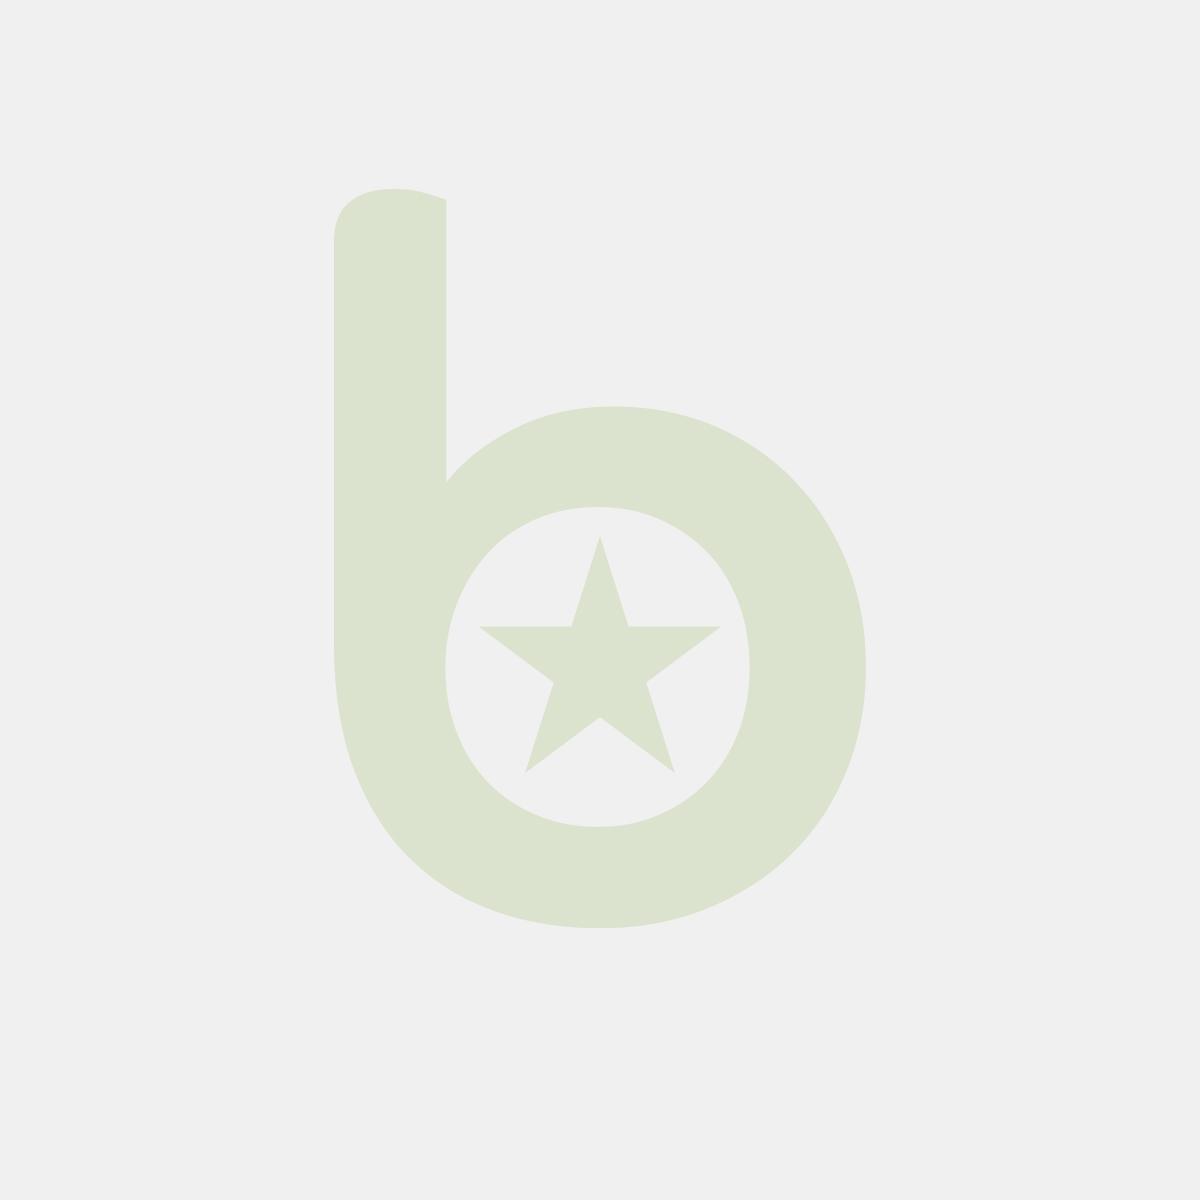 Pokrywka do miski PP SABERT 500ml, cena za opakowanie 50szt